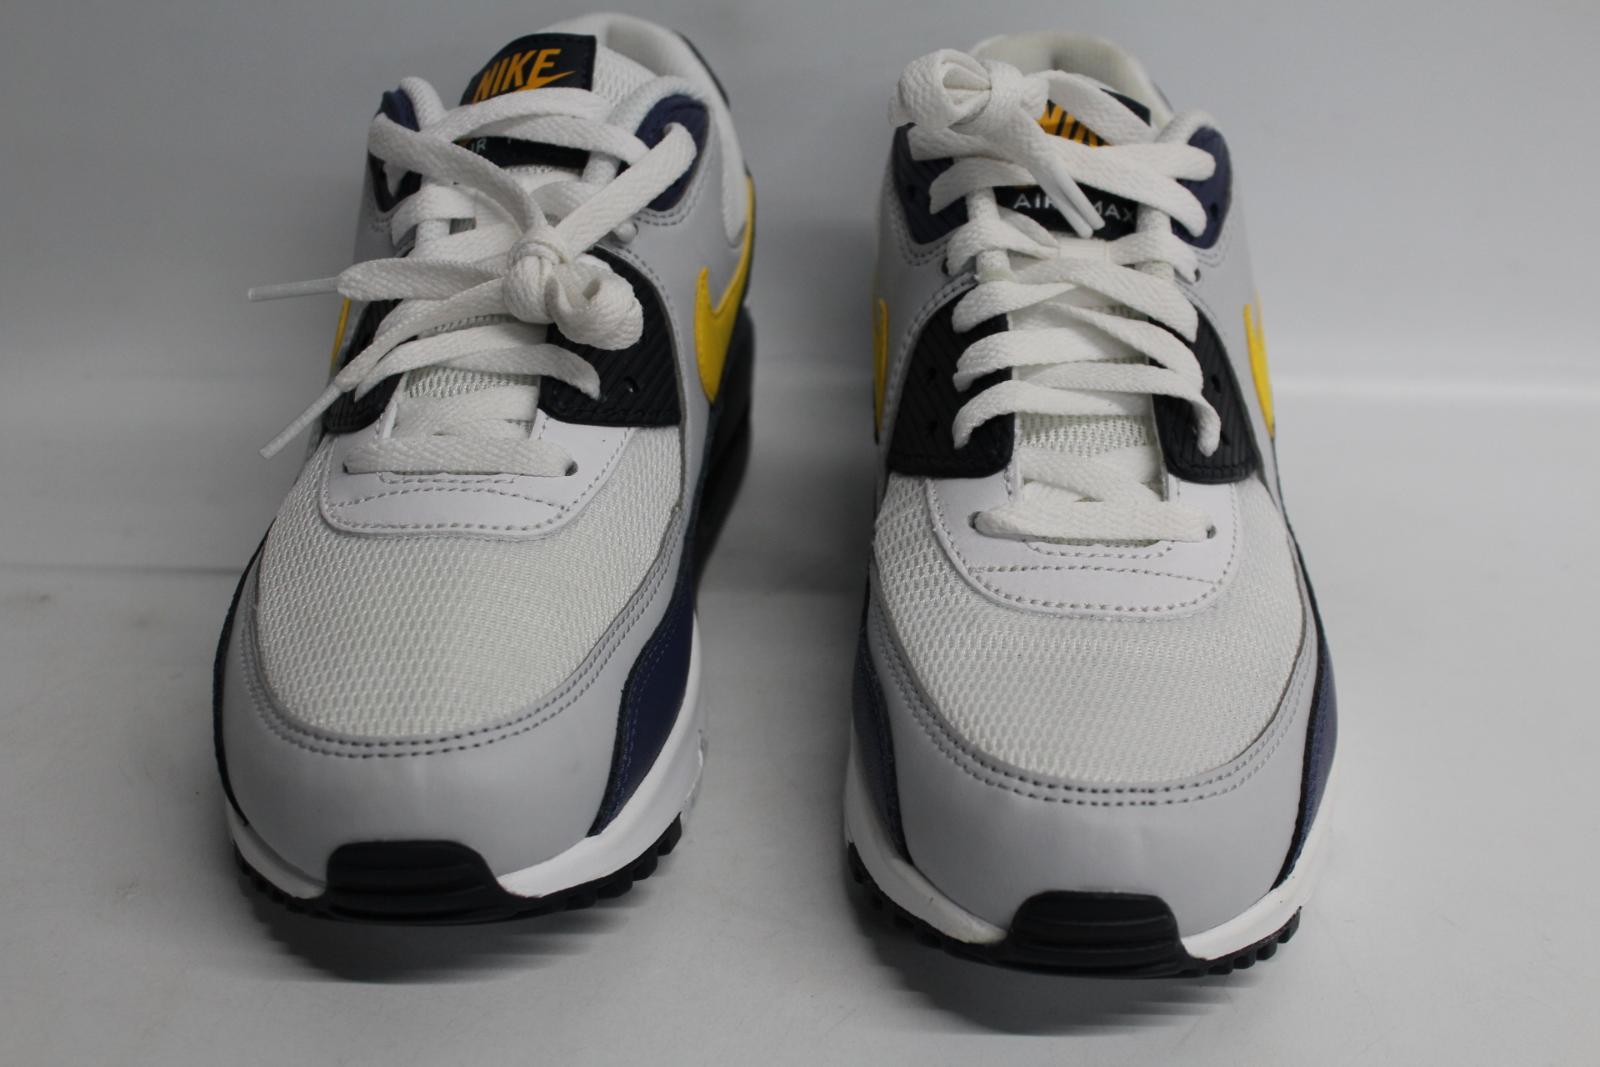 Nike-Men-039-S-Navy-Blu-Giallo-amp-Bianco-AIR-MAX-90-Essential-Scarpe-da-ginnastica-EU41-UK7-NUOVO miniatura 6